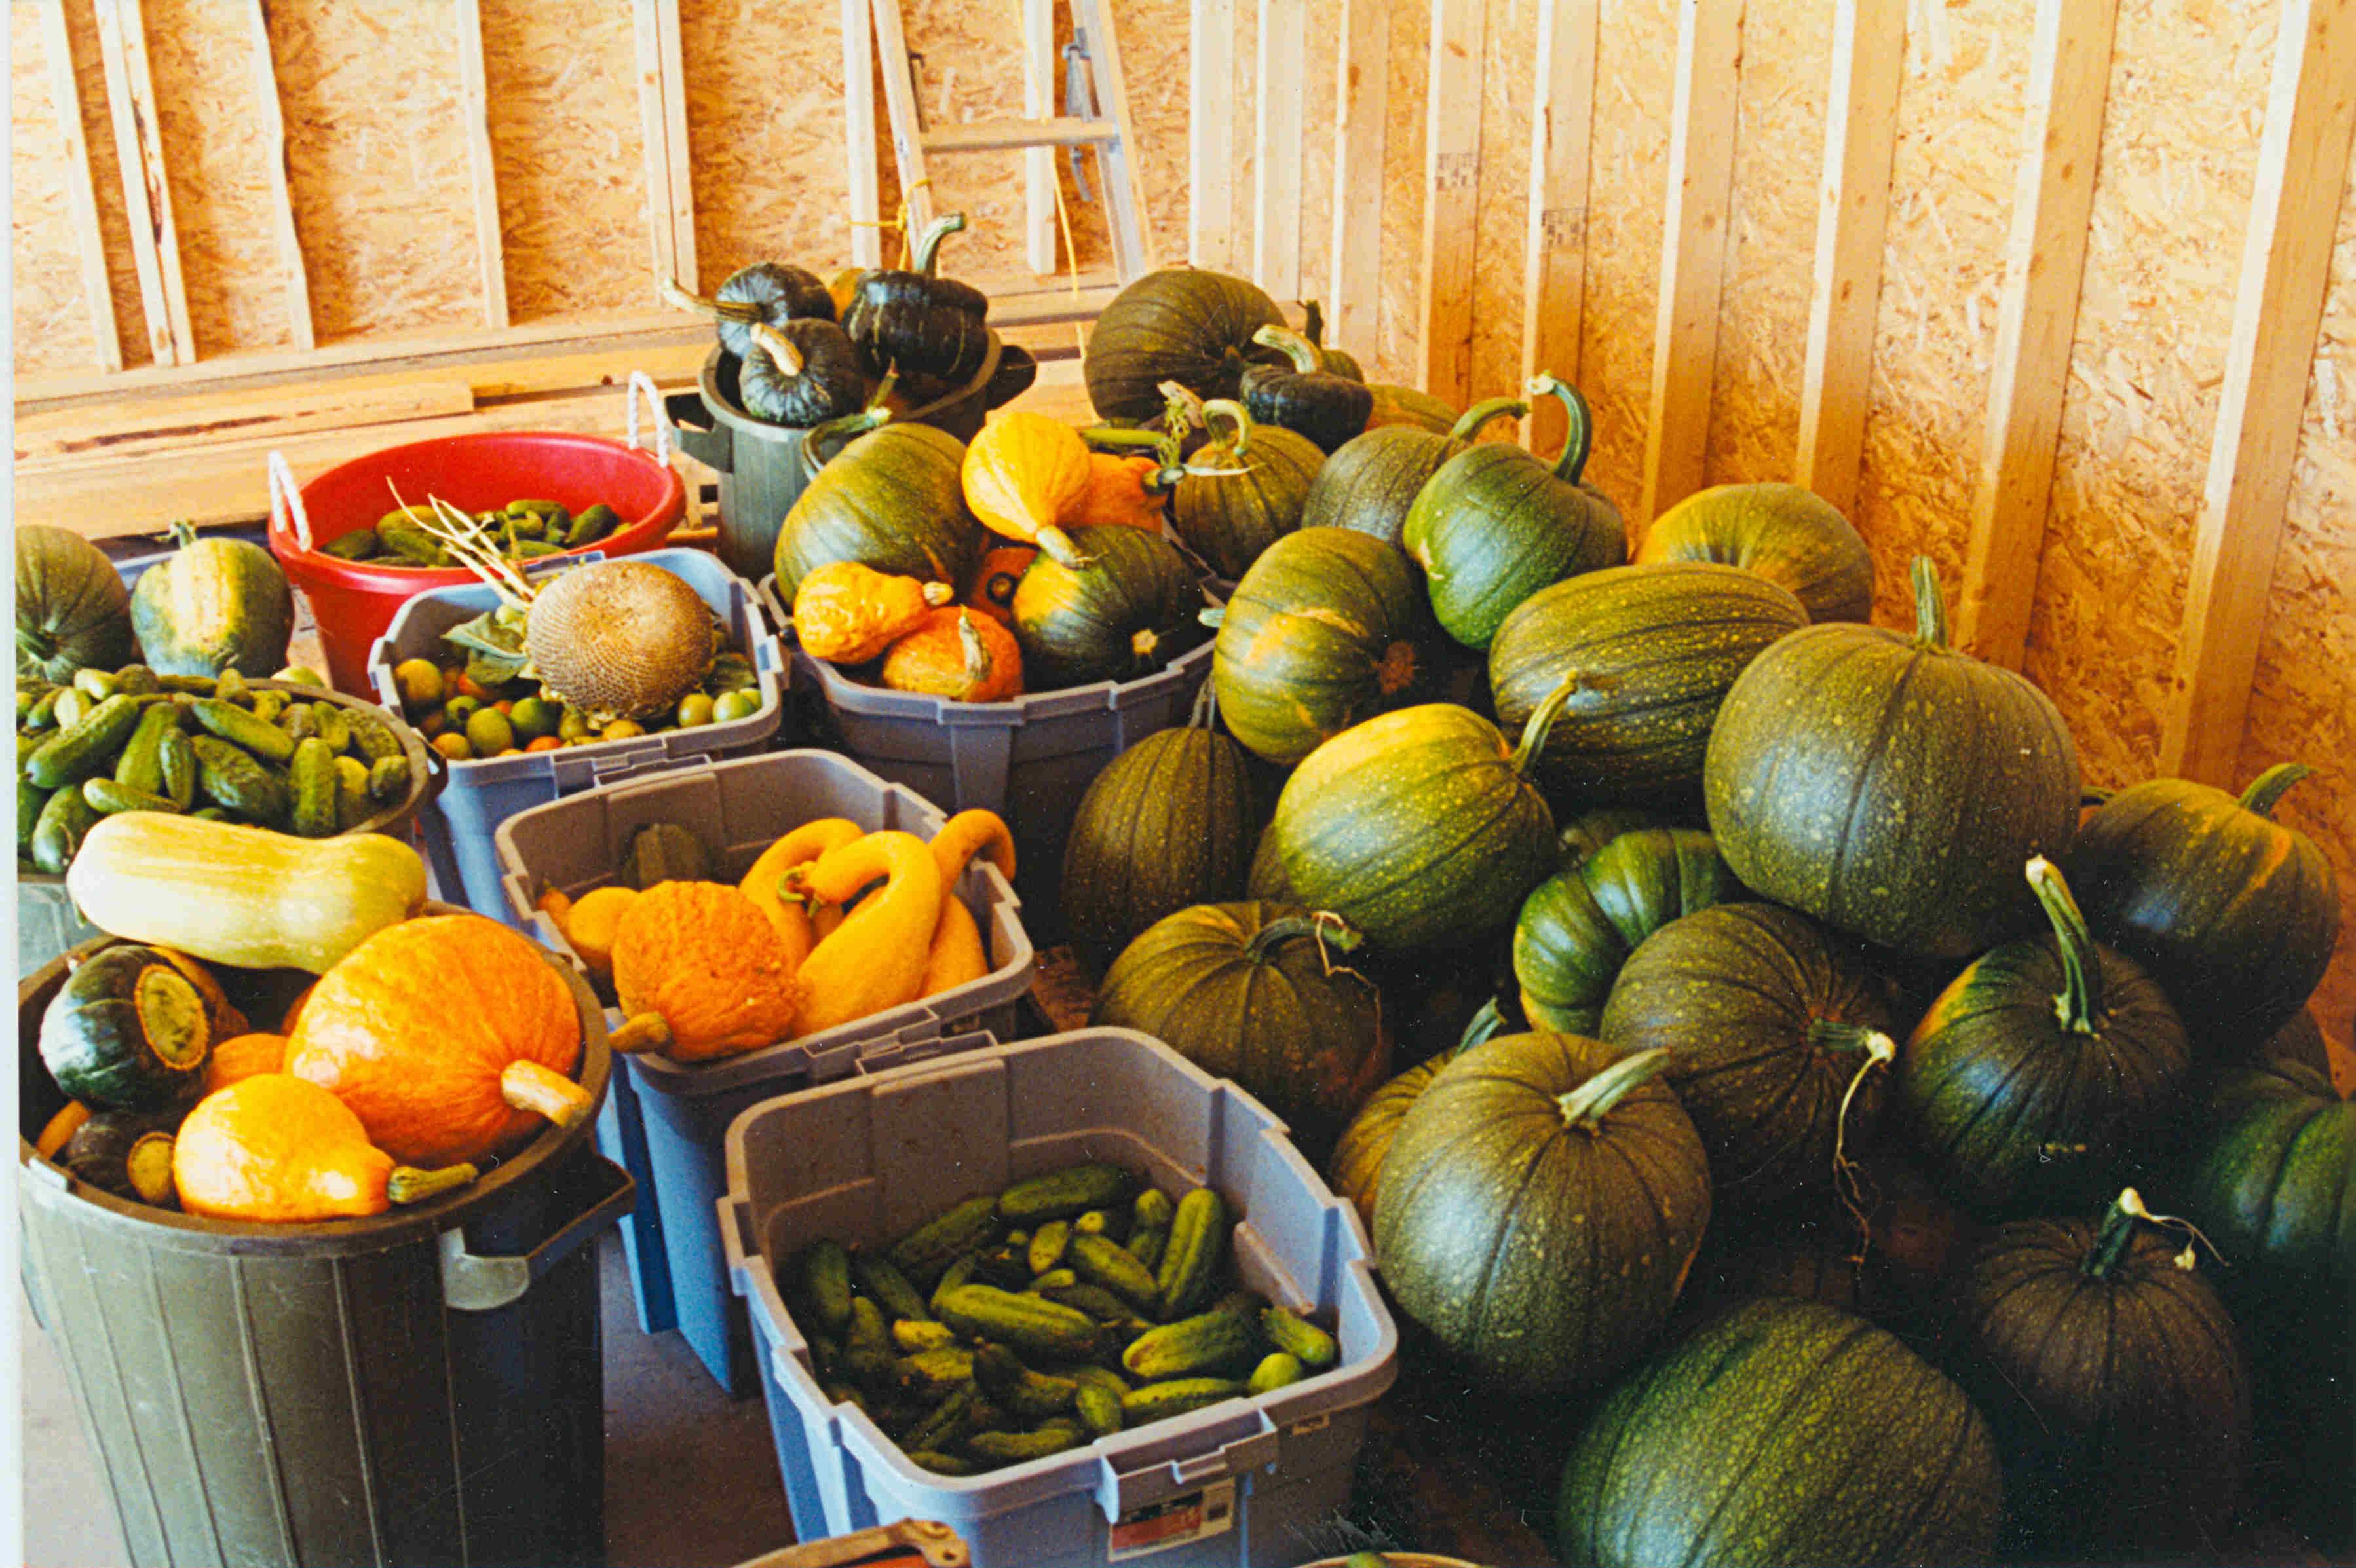 Produce From Petersens Peace Valley Market Garden, circa 1970